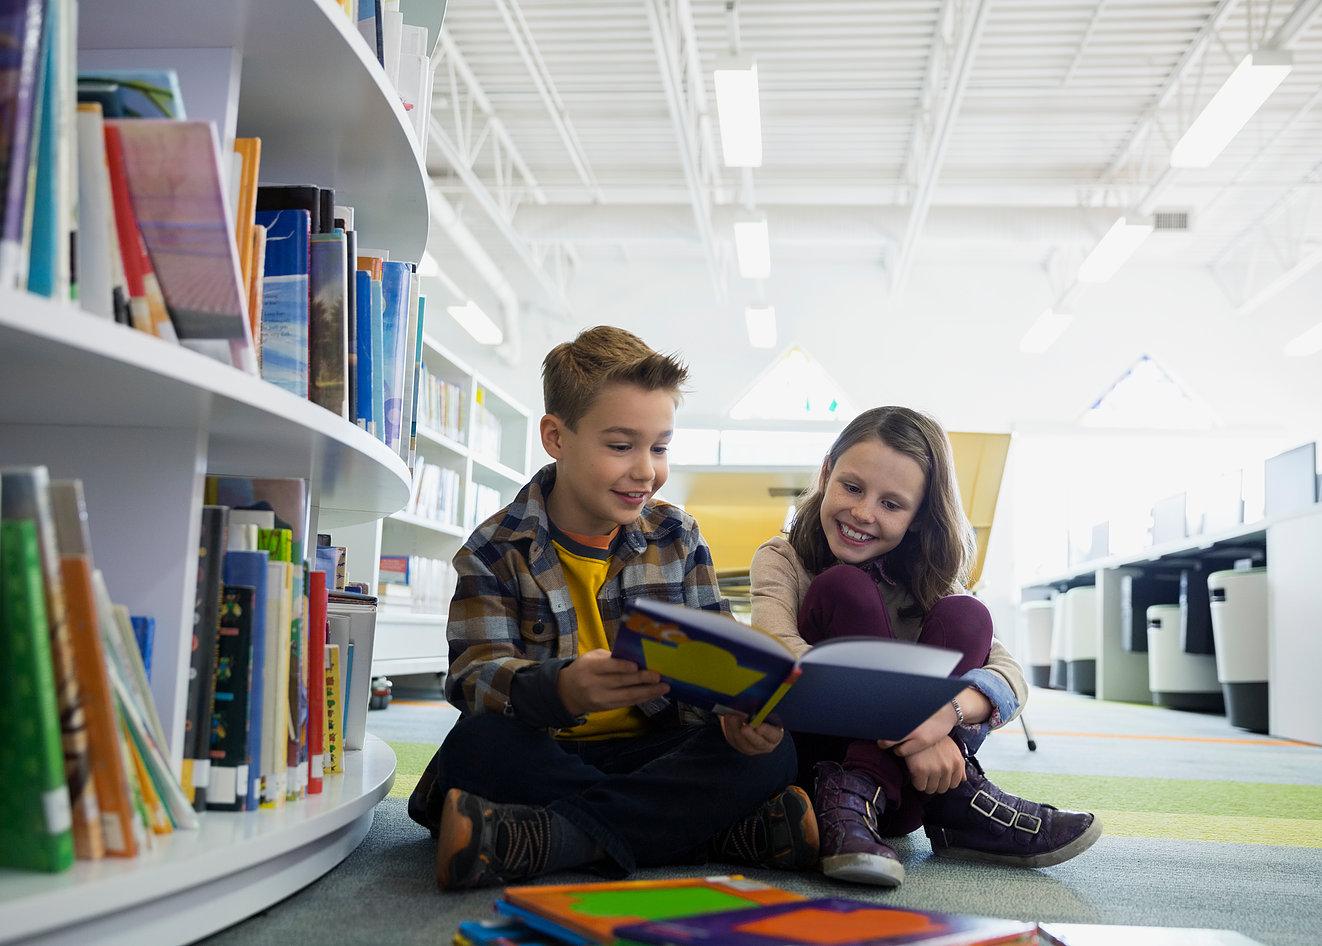 Teenagers in Library.jpg